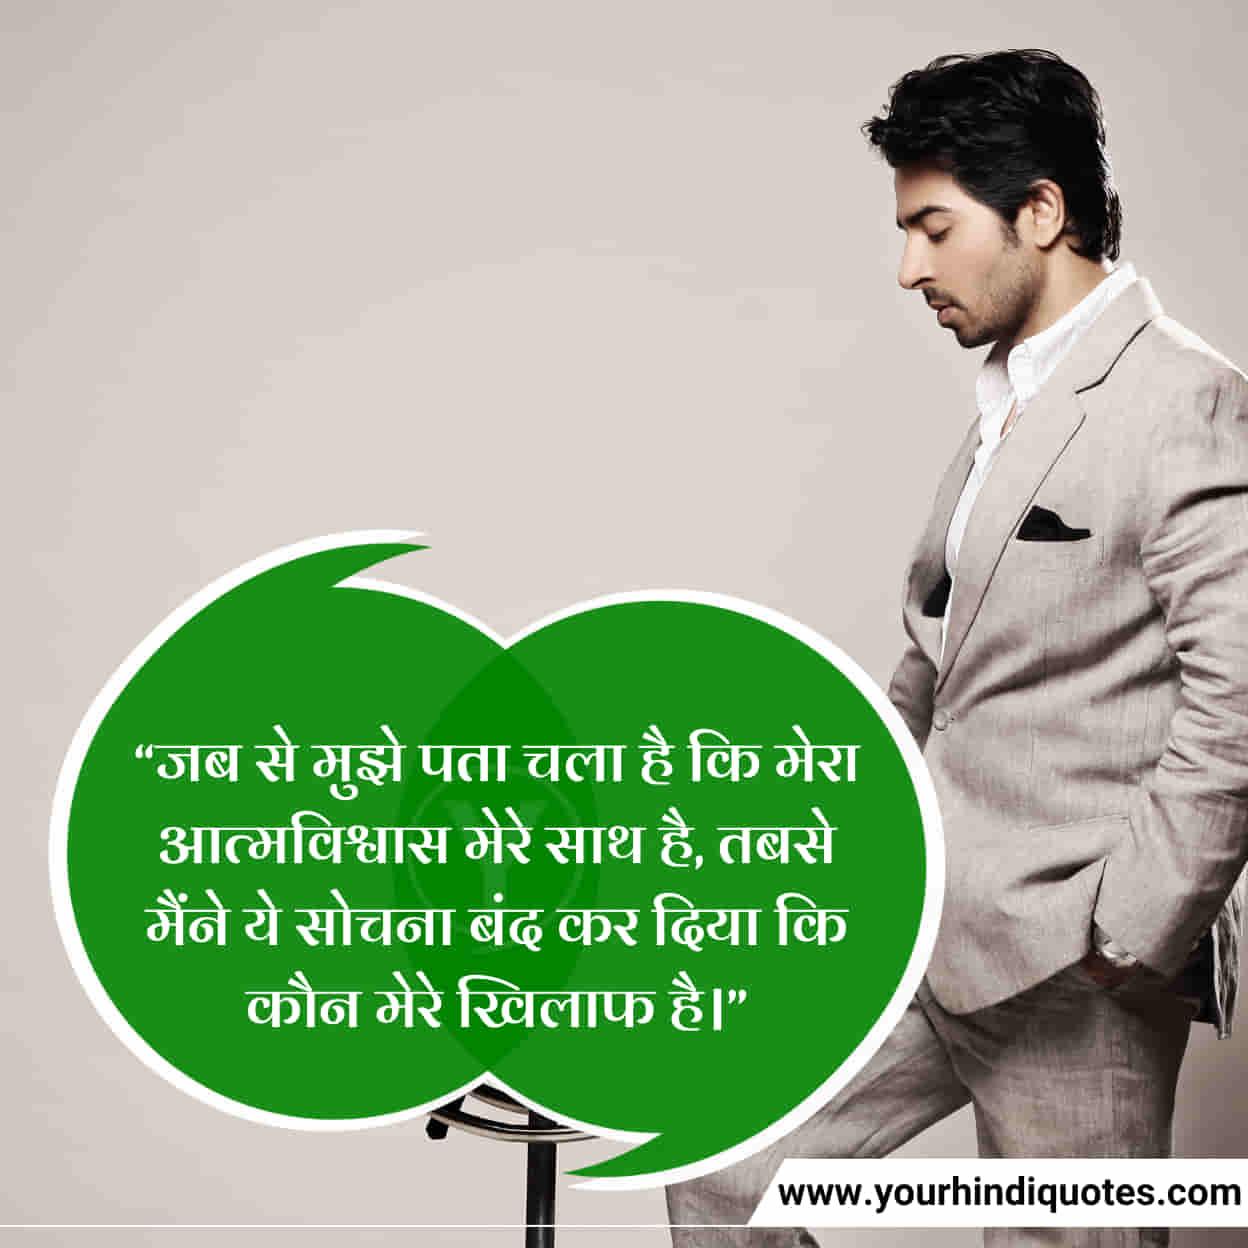 Hindi Attitude FB Status